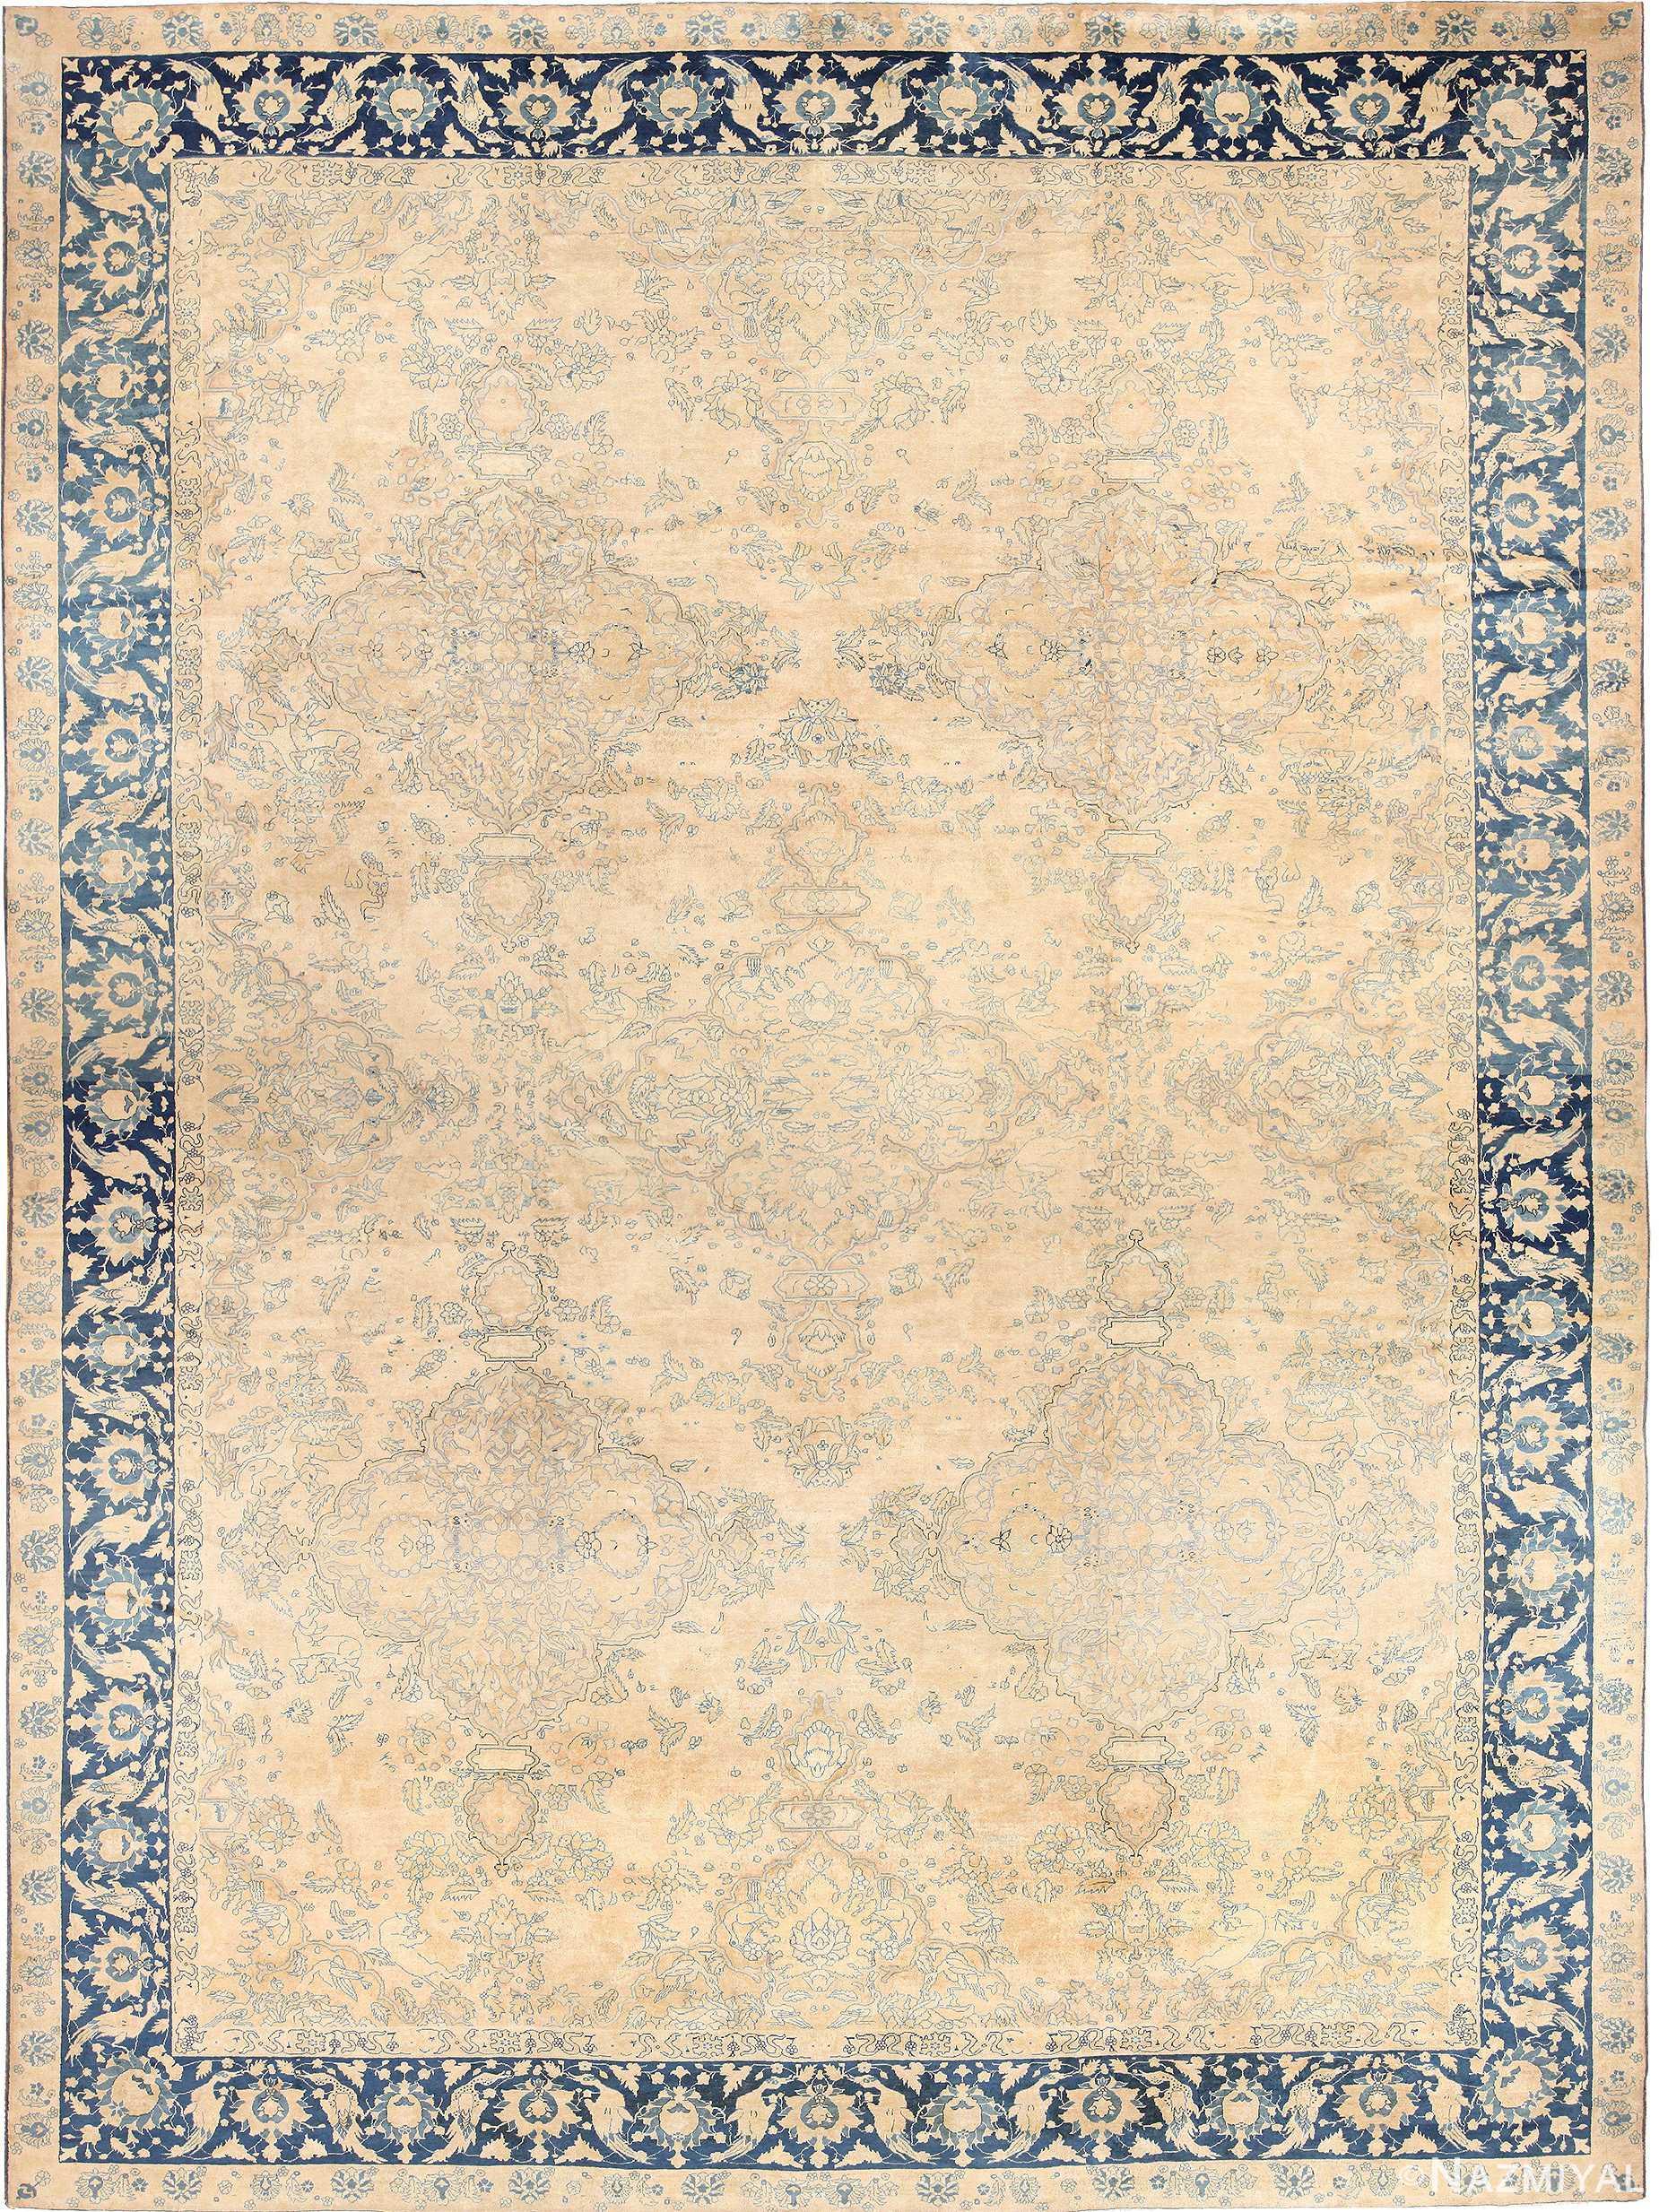 Large Oversized Decorative Antique Indian Agra Rug 49167 Nazmiyal